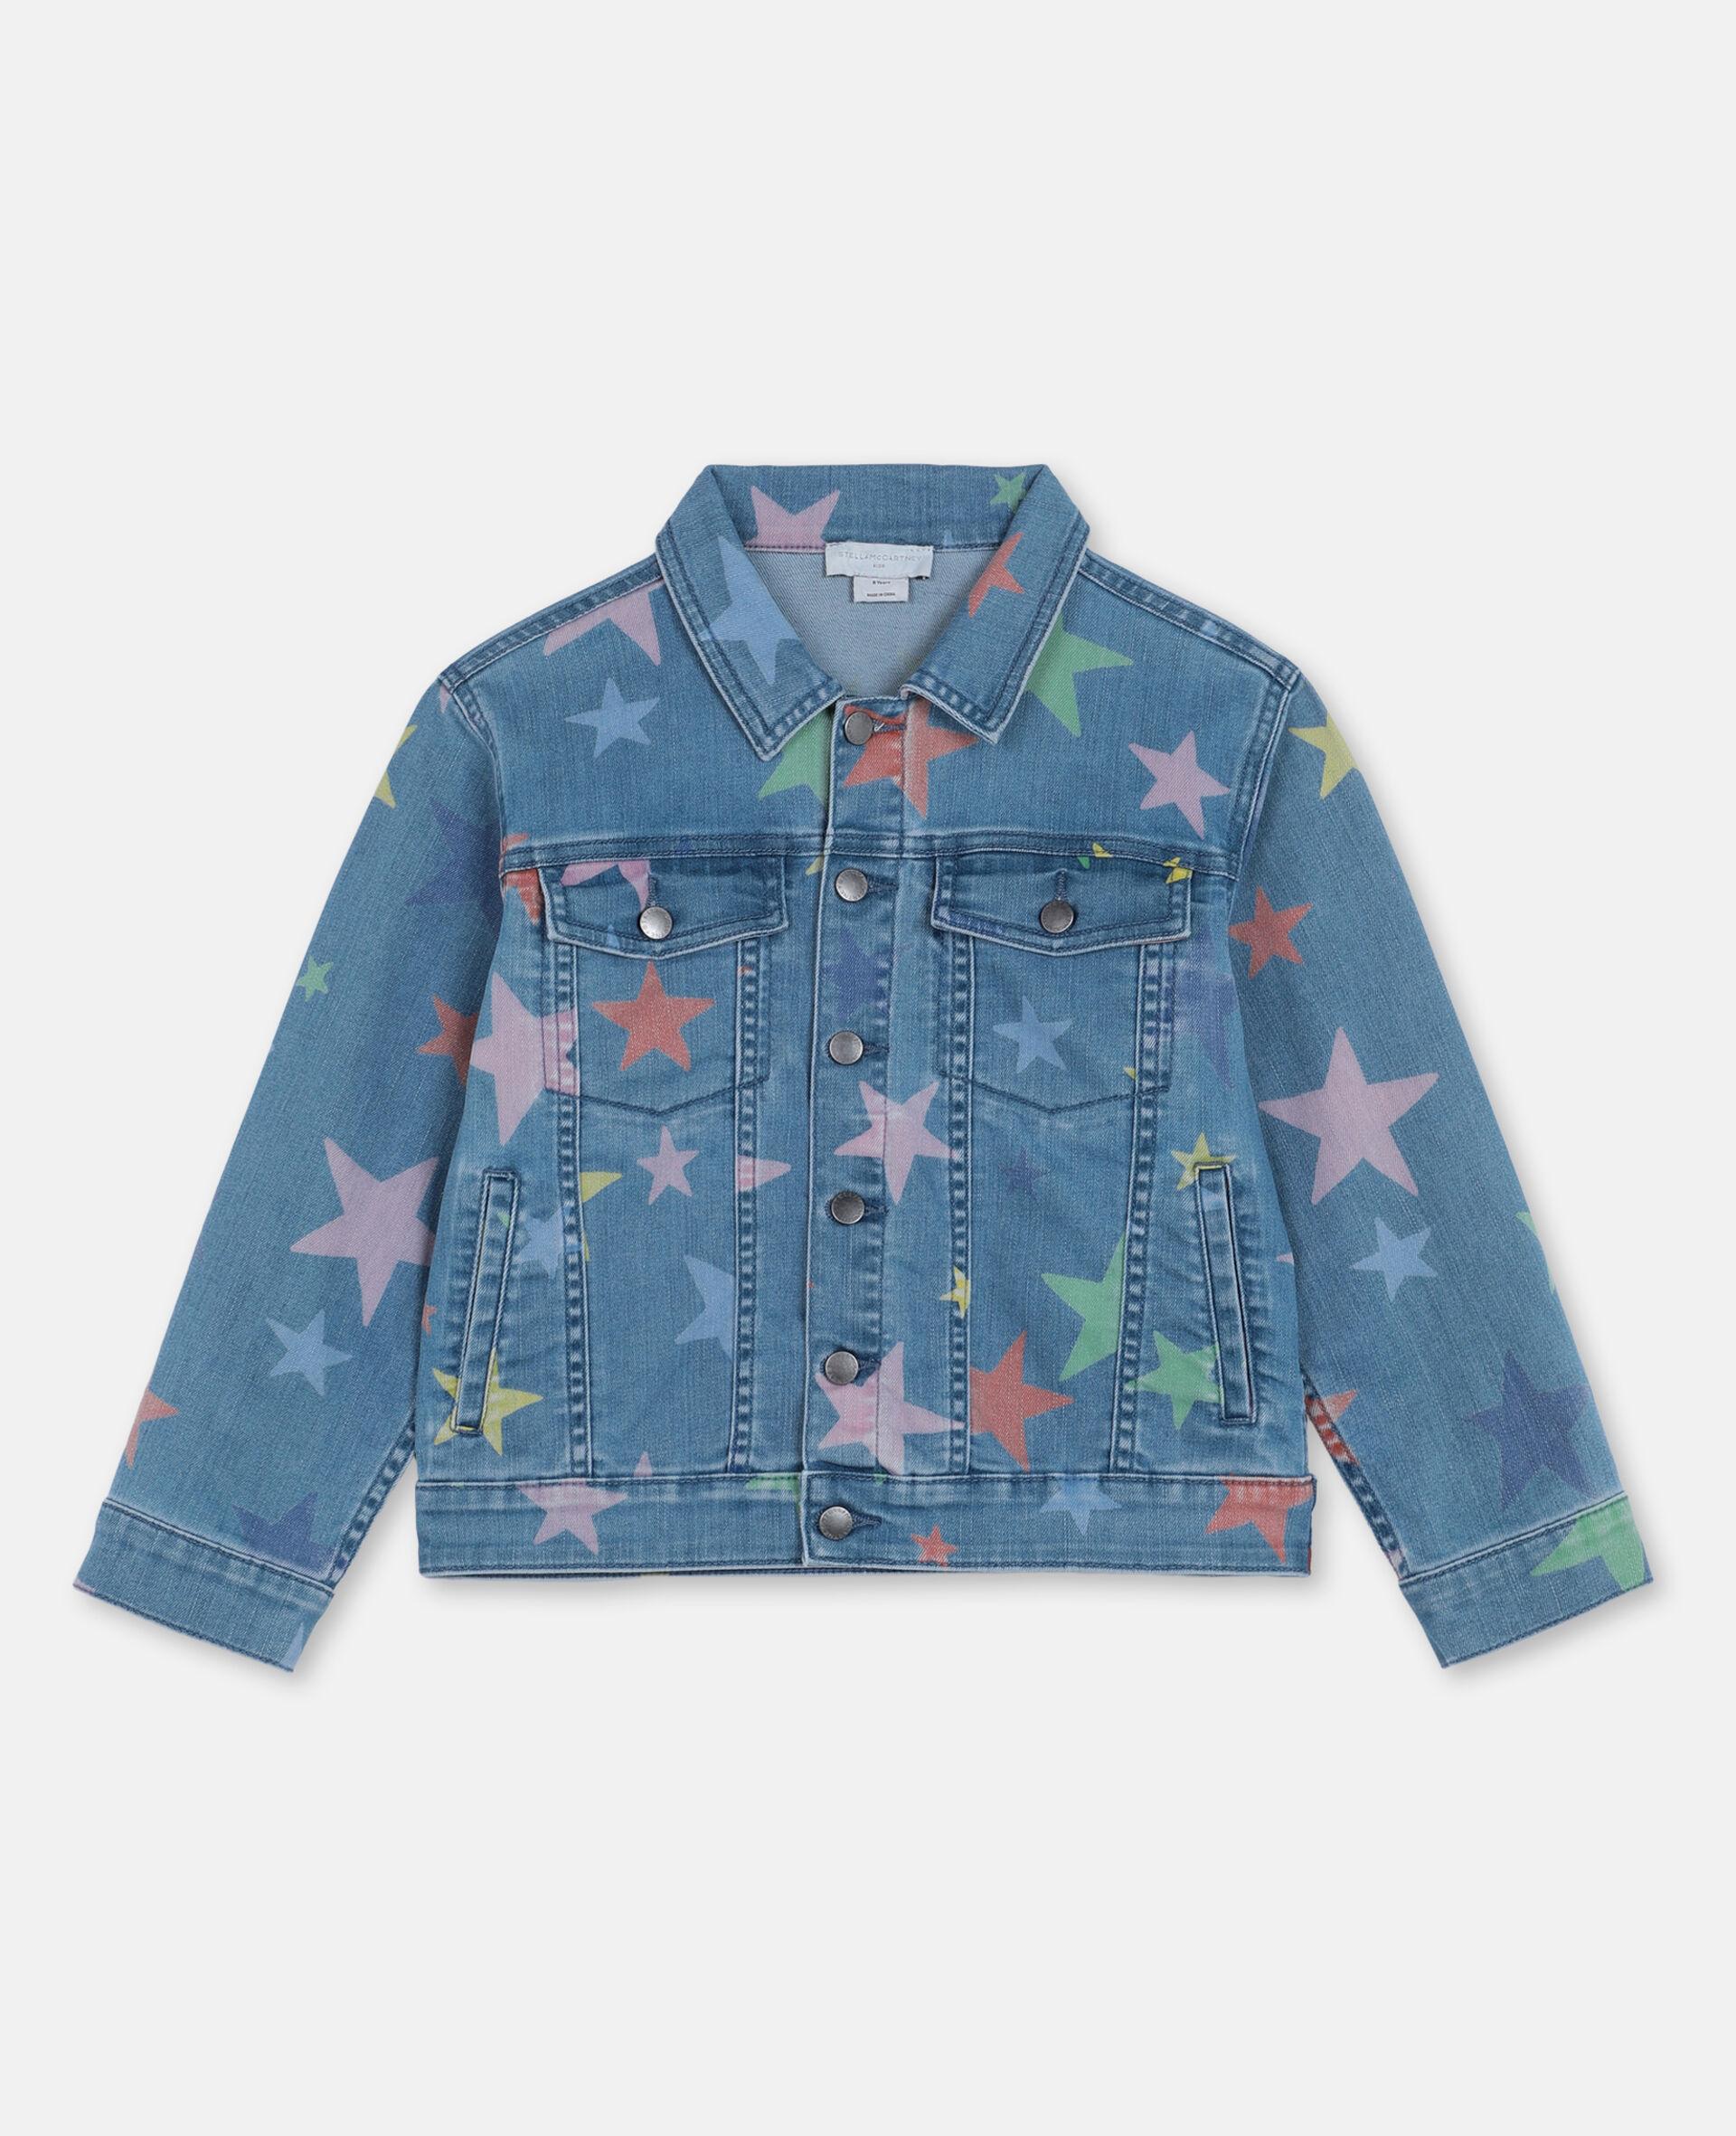 Veste en denim avec étoiles multicolores -Fantaisie-large image number 0